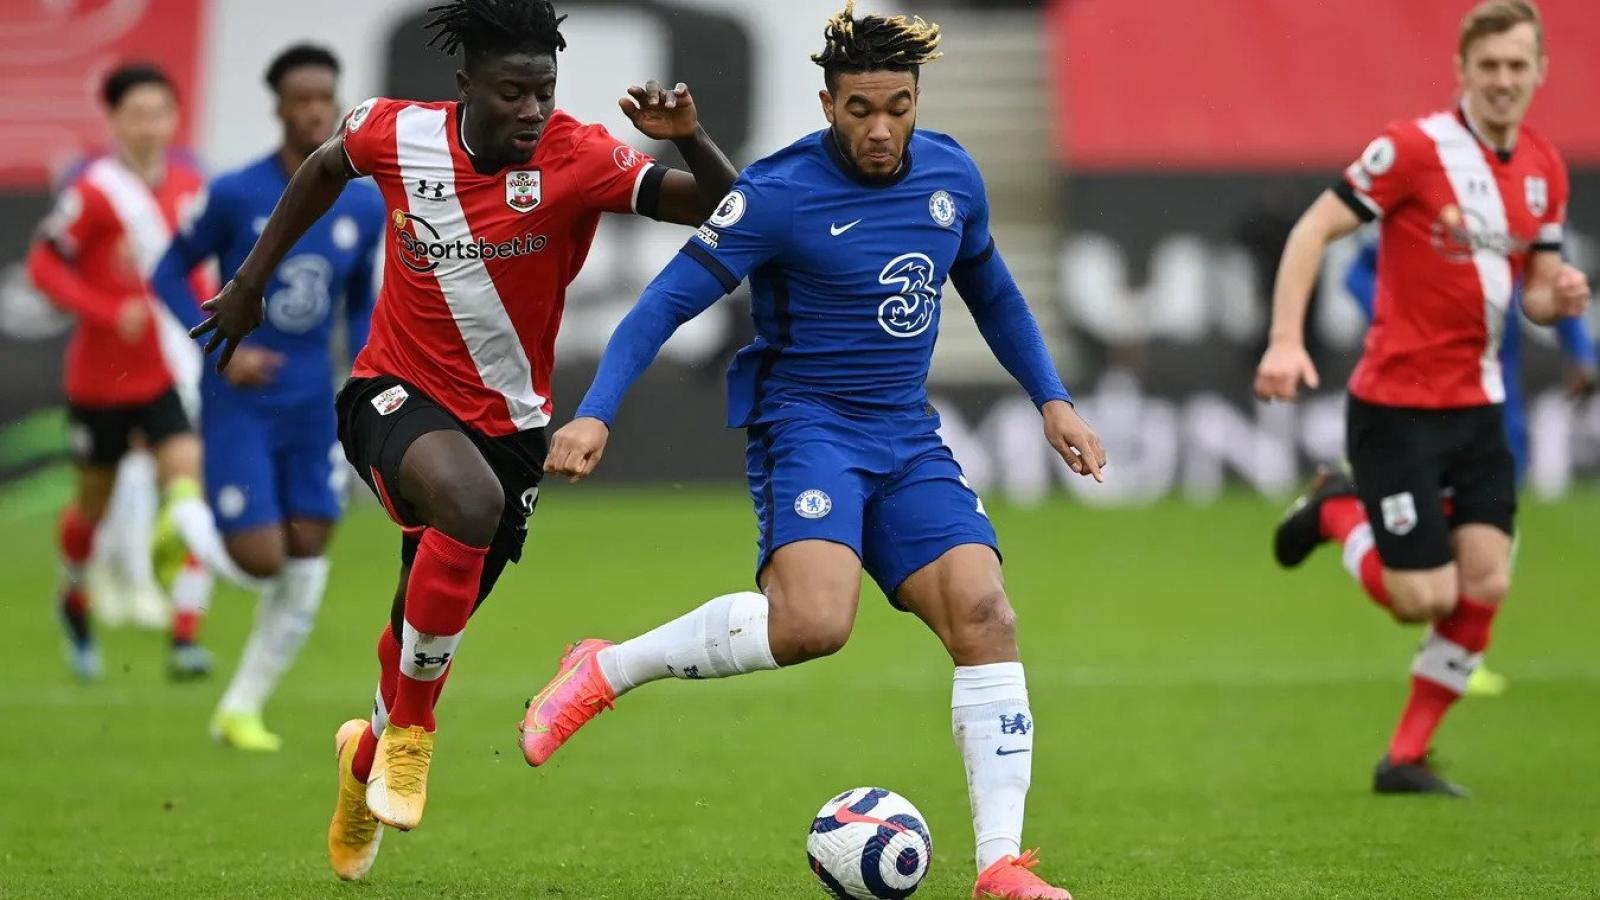 Bị Southampton cầm hòa, Chelsea đứt mạch thắng dưới thời Tuchel